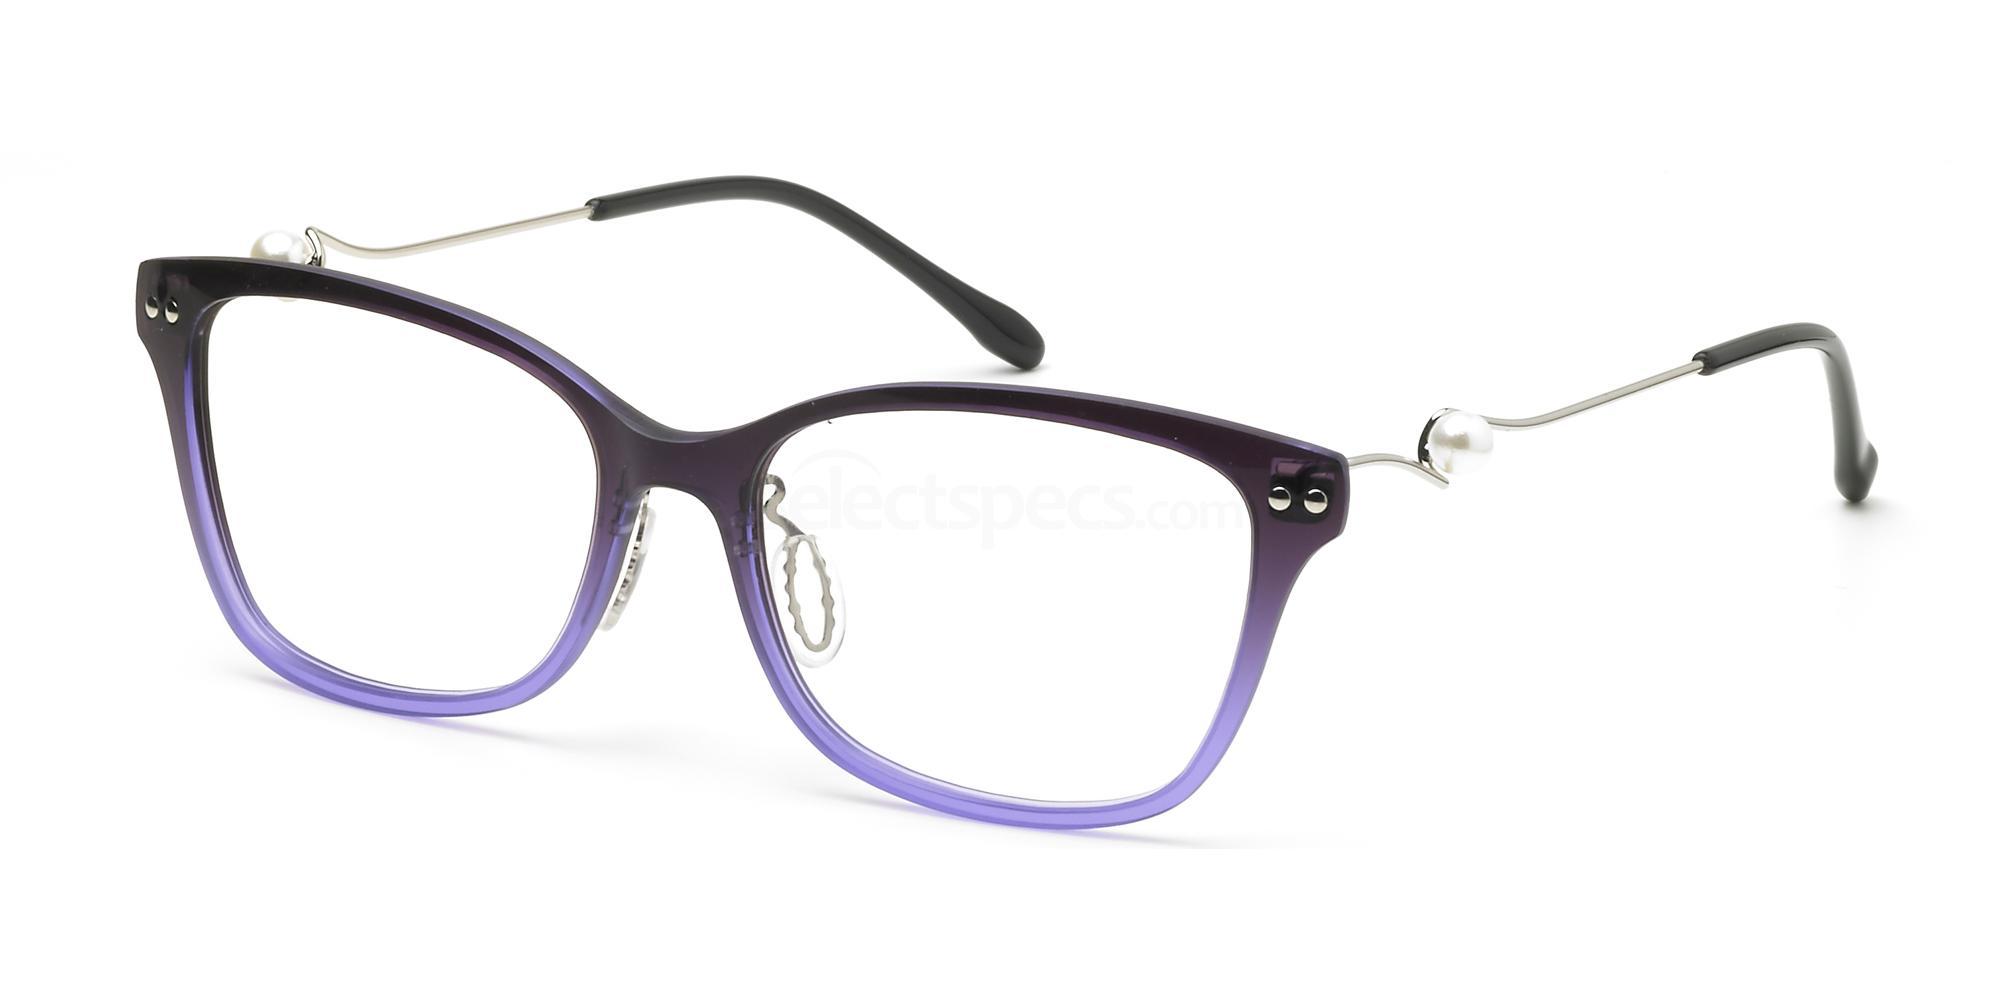 C1 DM133 Glasses, DiMarco